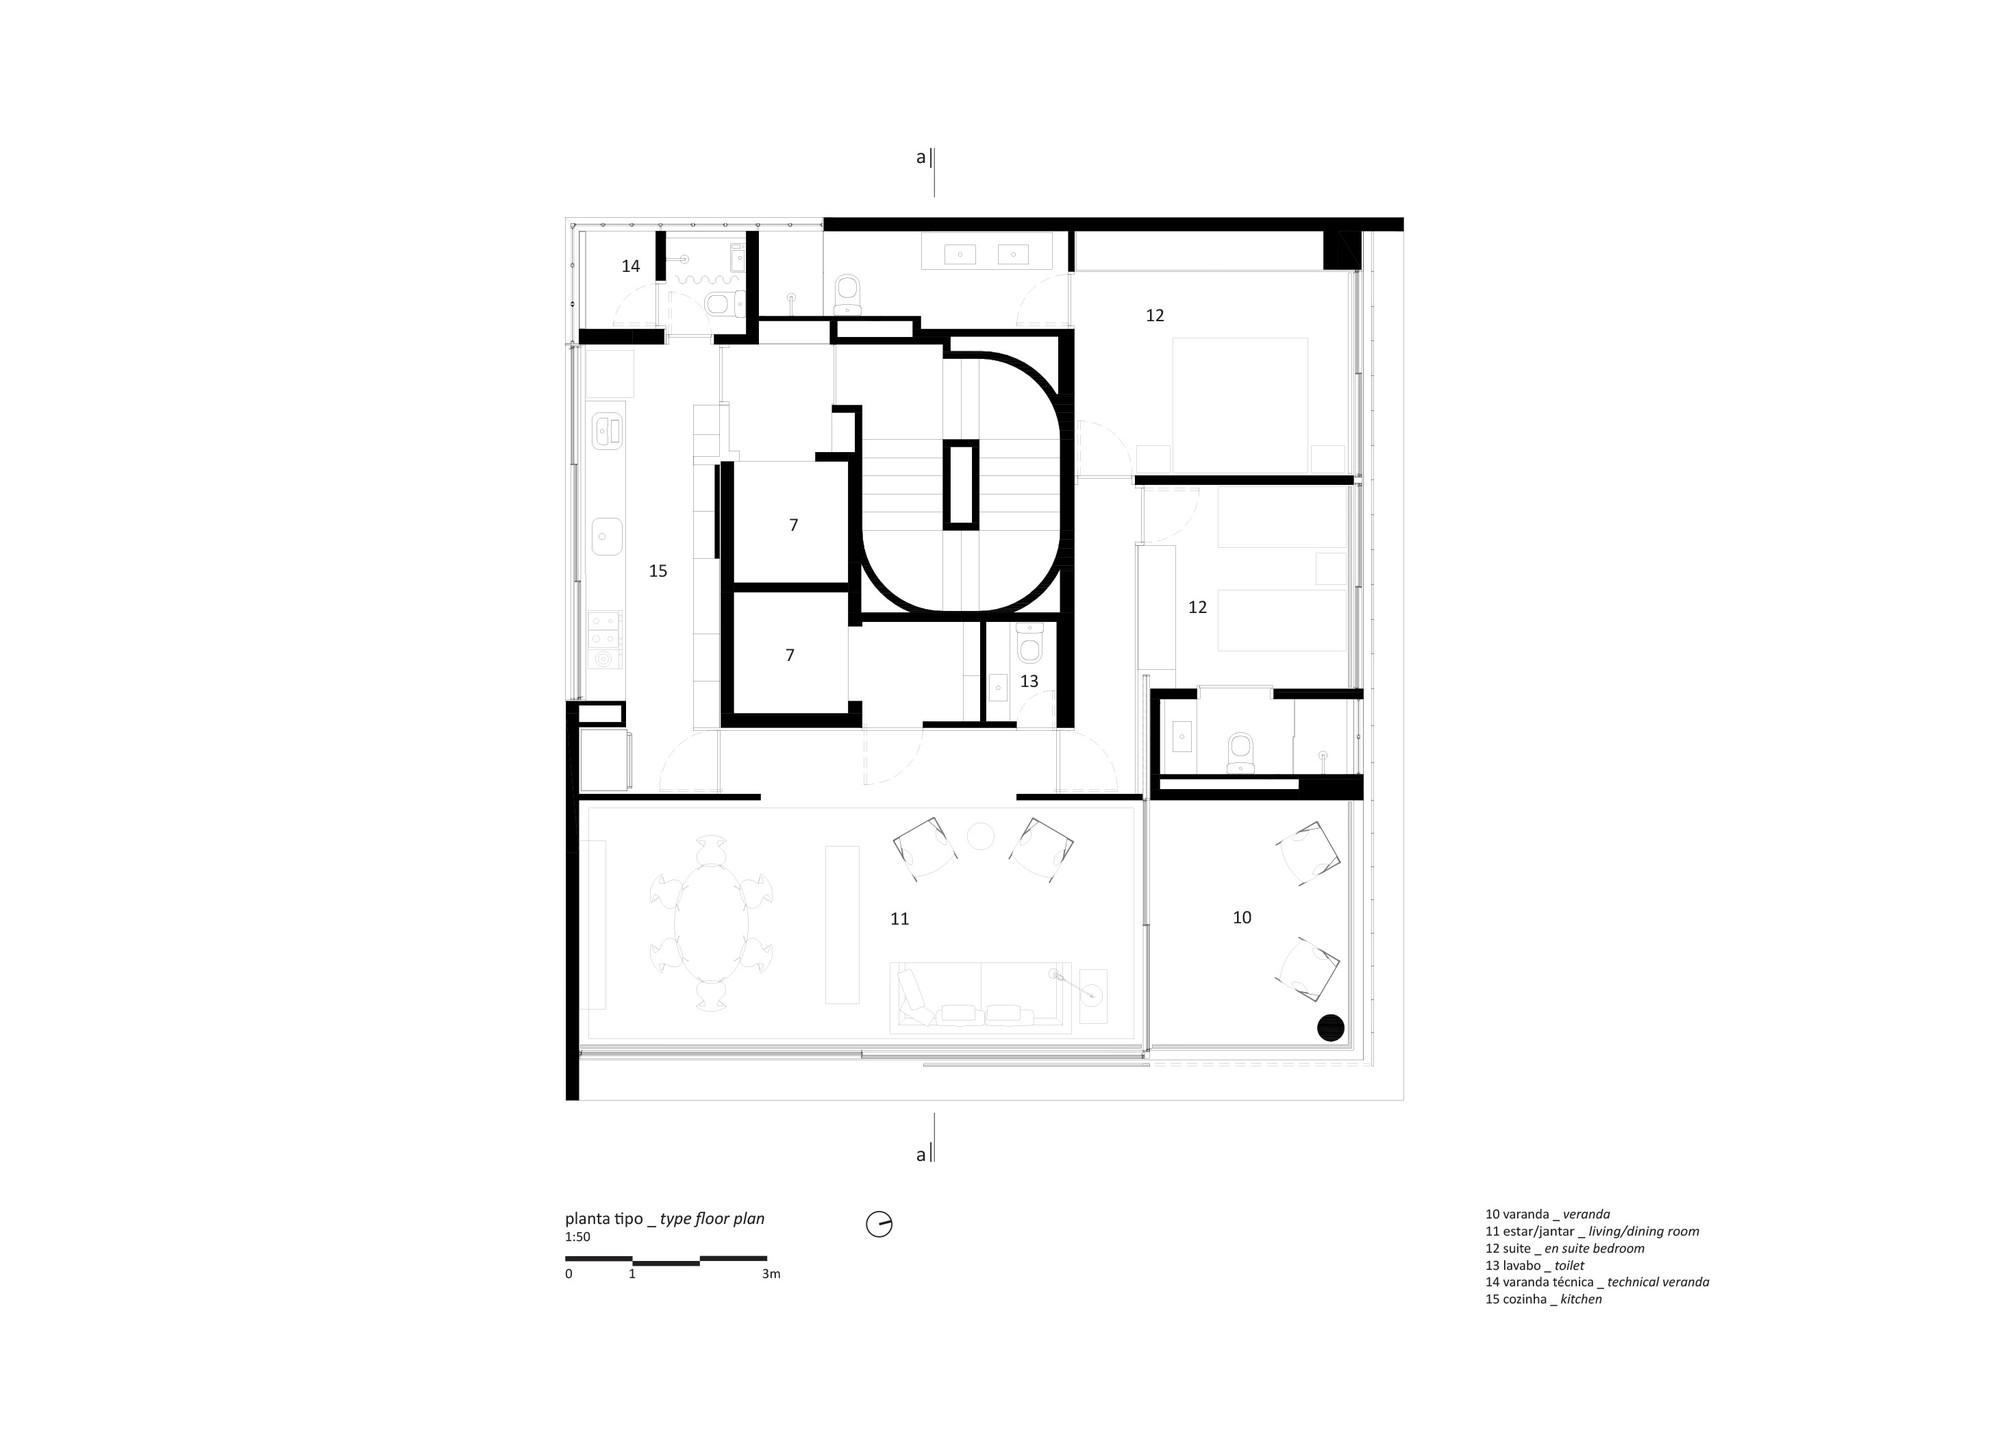 Gallery of vitacon itaim building studio mk27 marcio for Marcio kogan plans